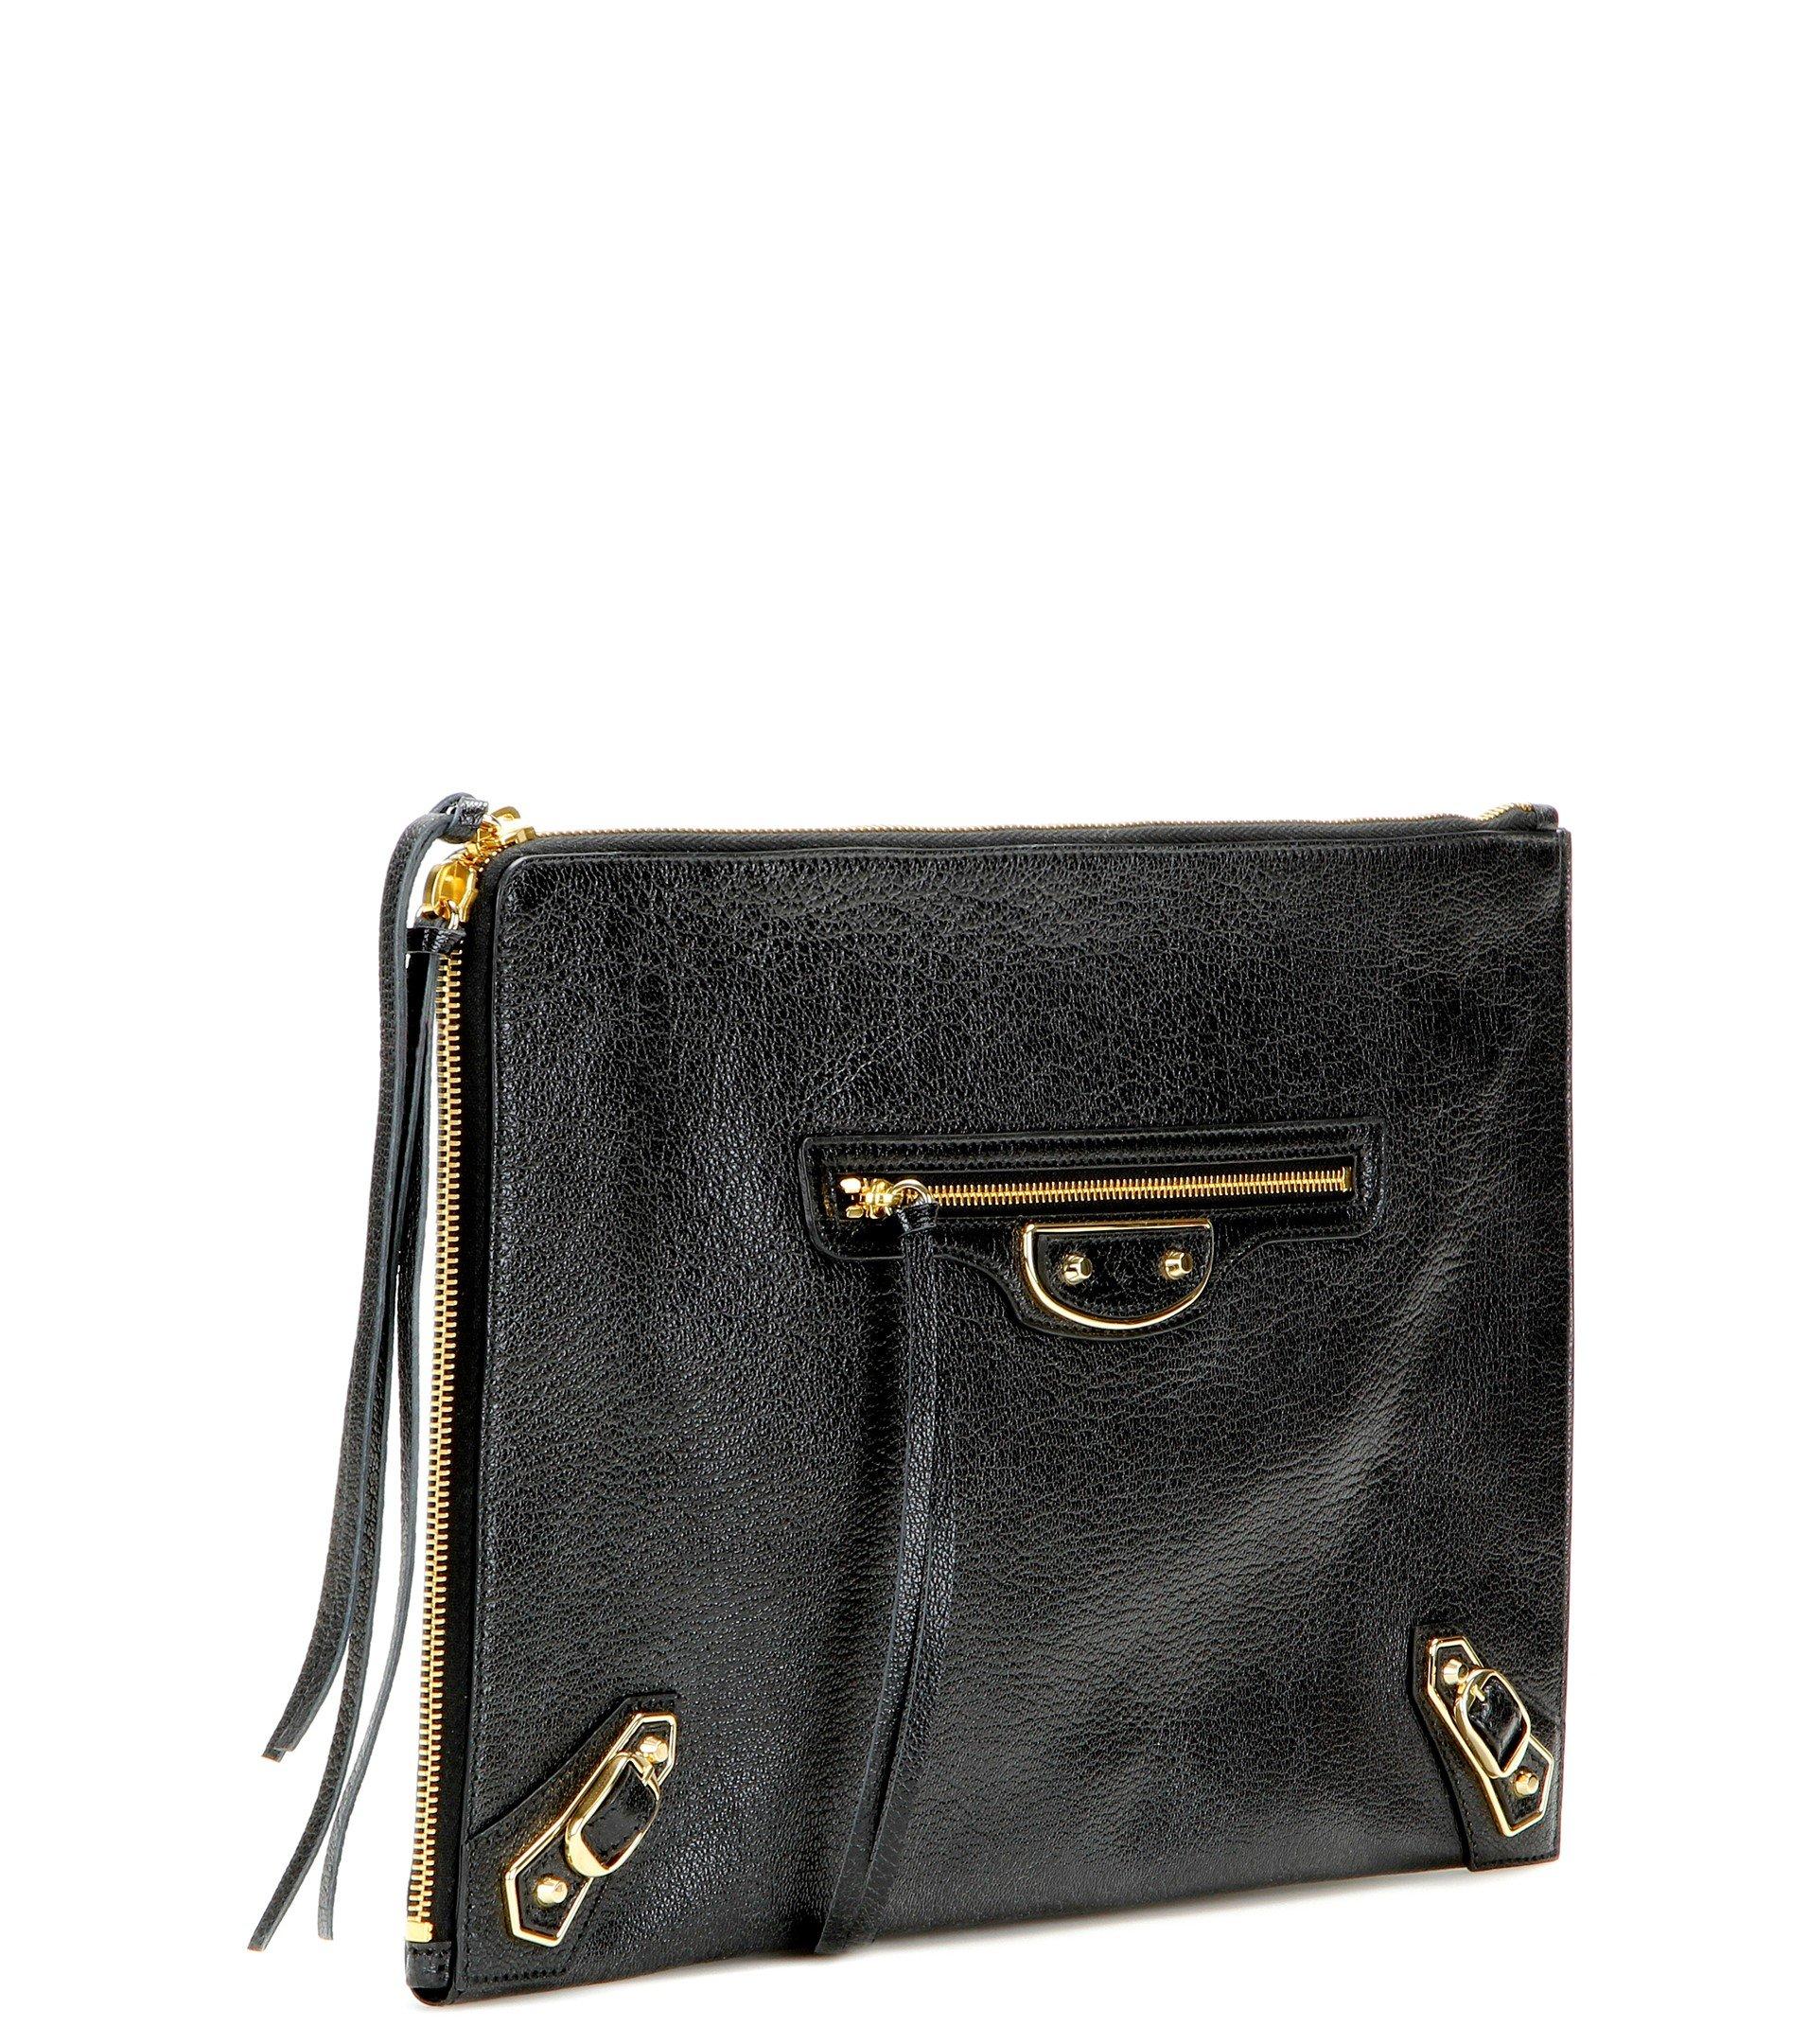 Balenciaga Pouch Bag